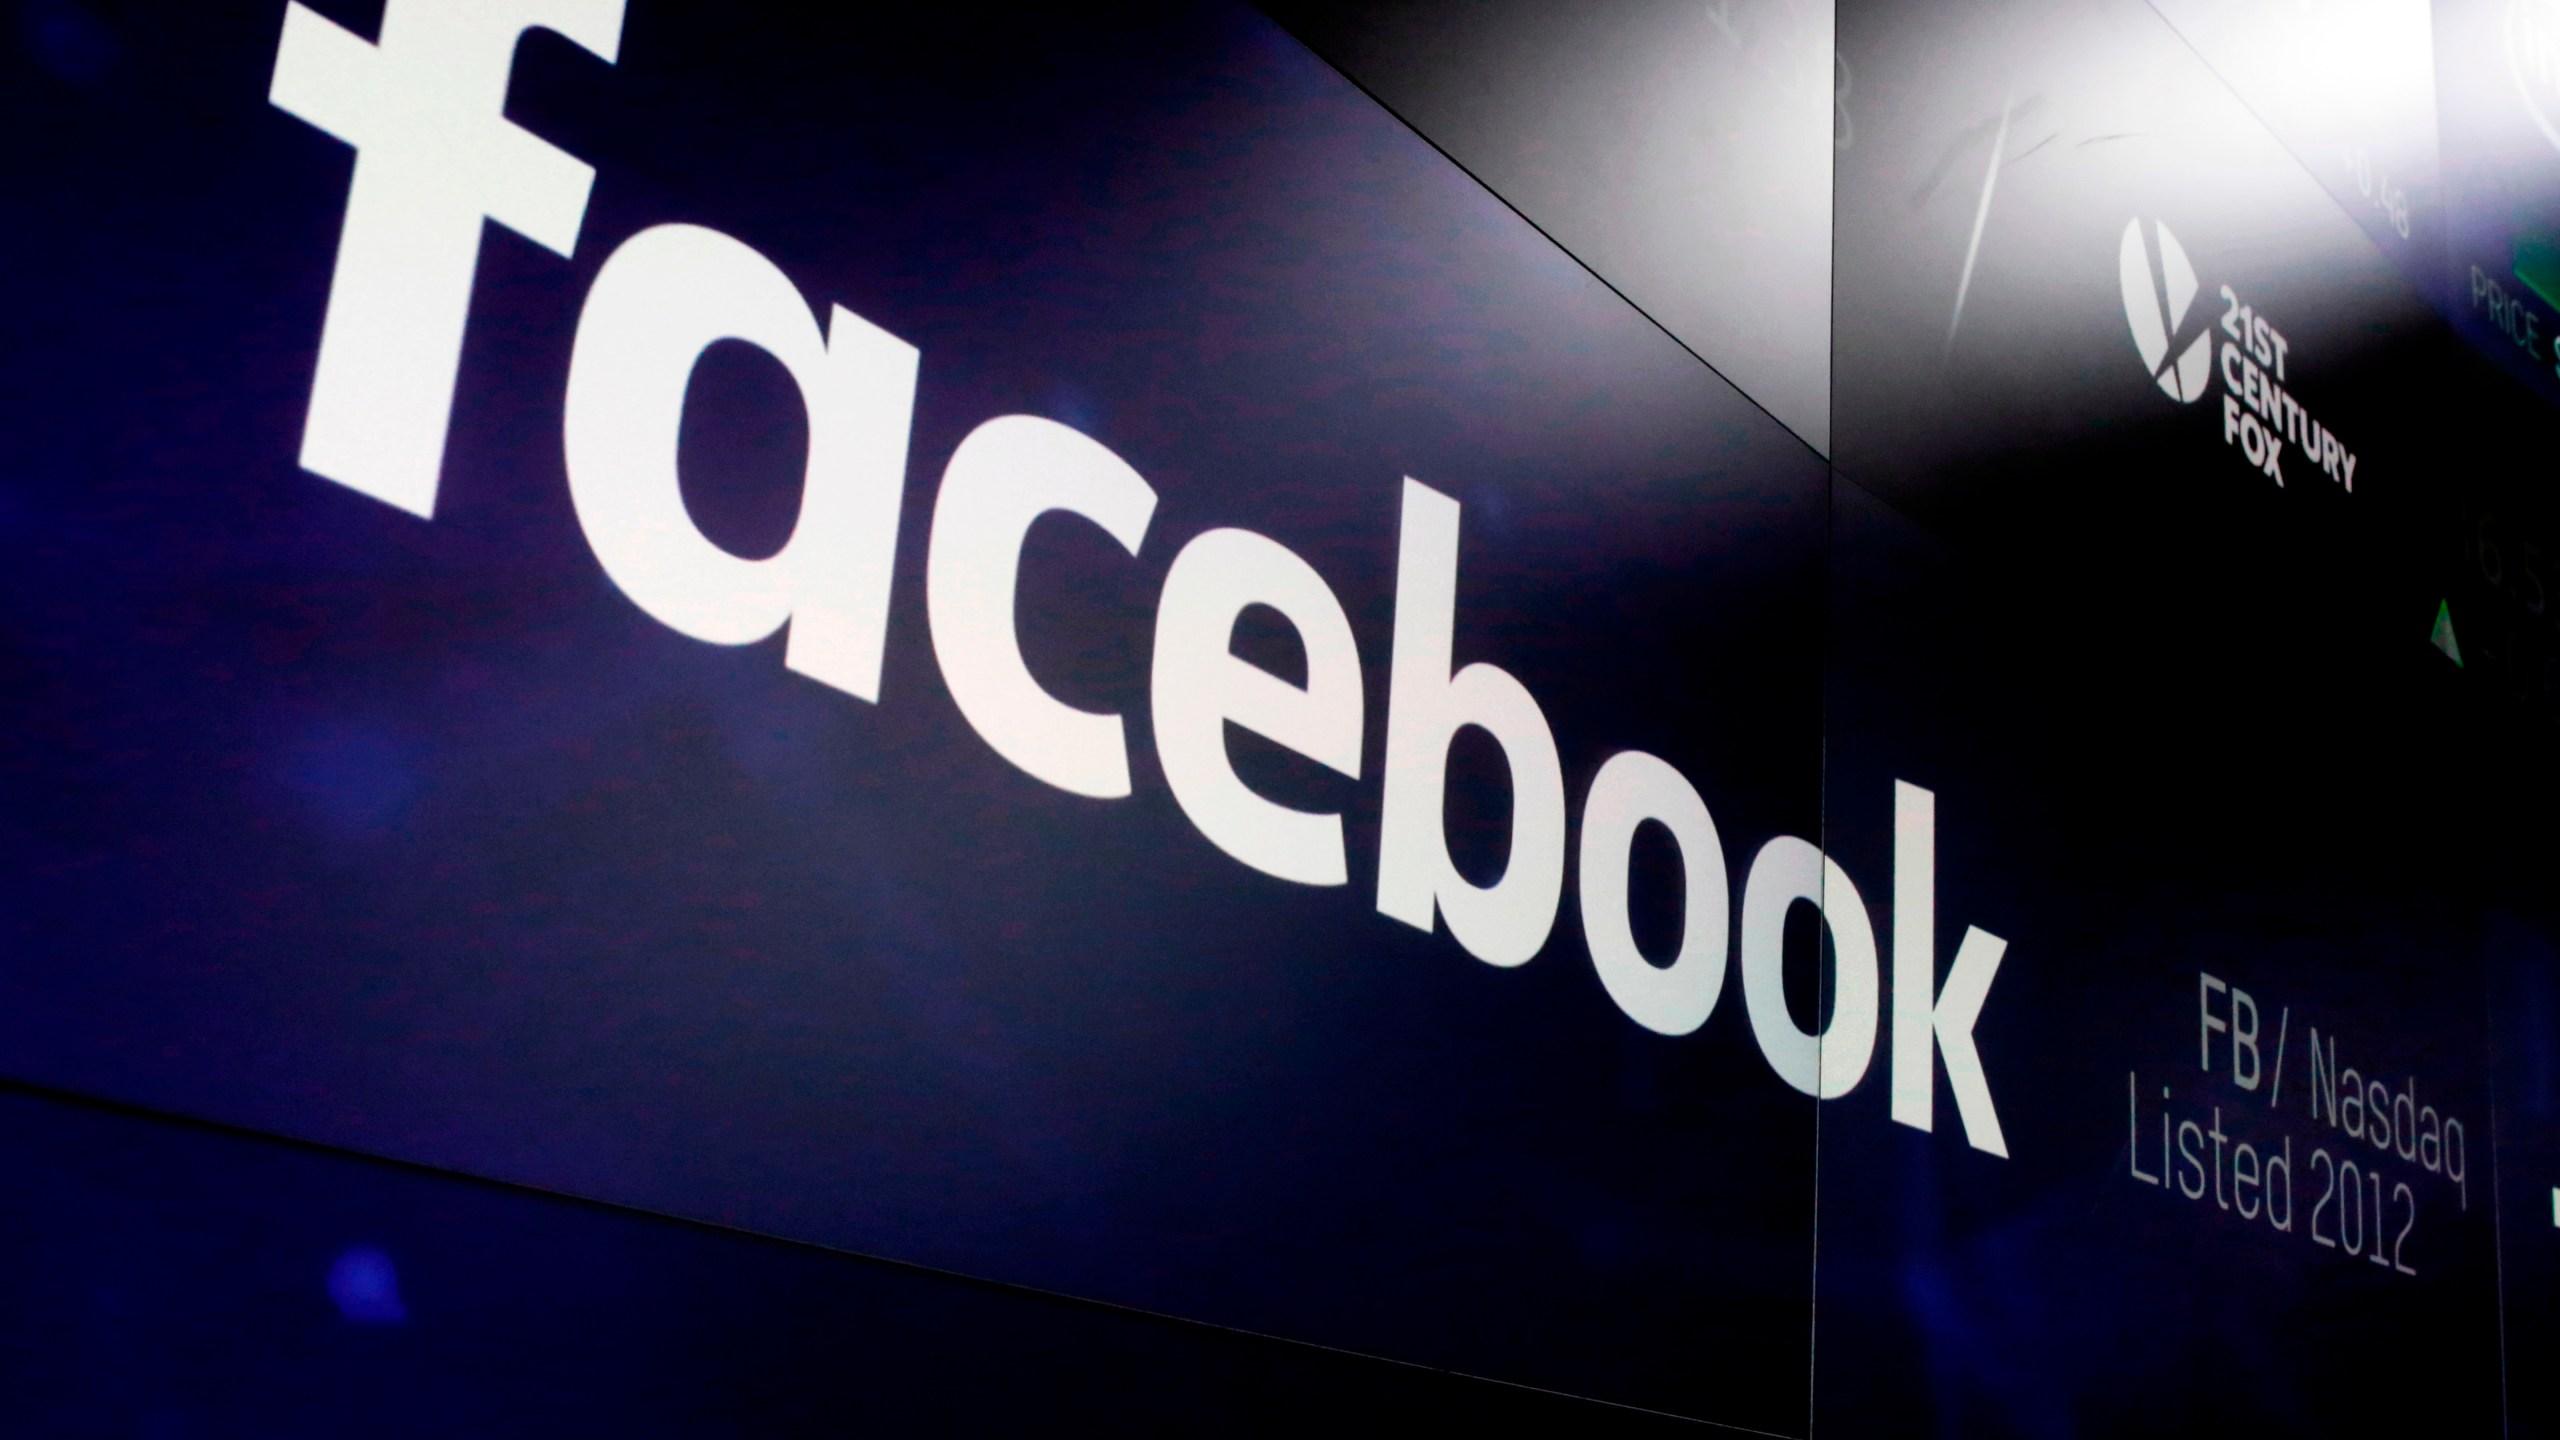 Facebook_Friendly_Fraud_31160-159532.jpg67192035